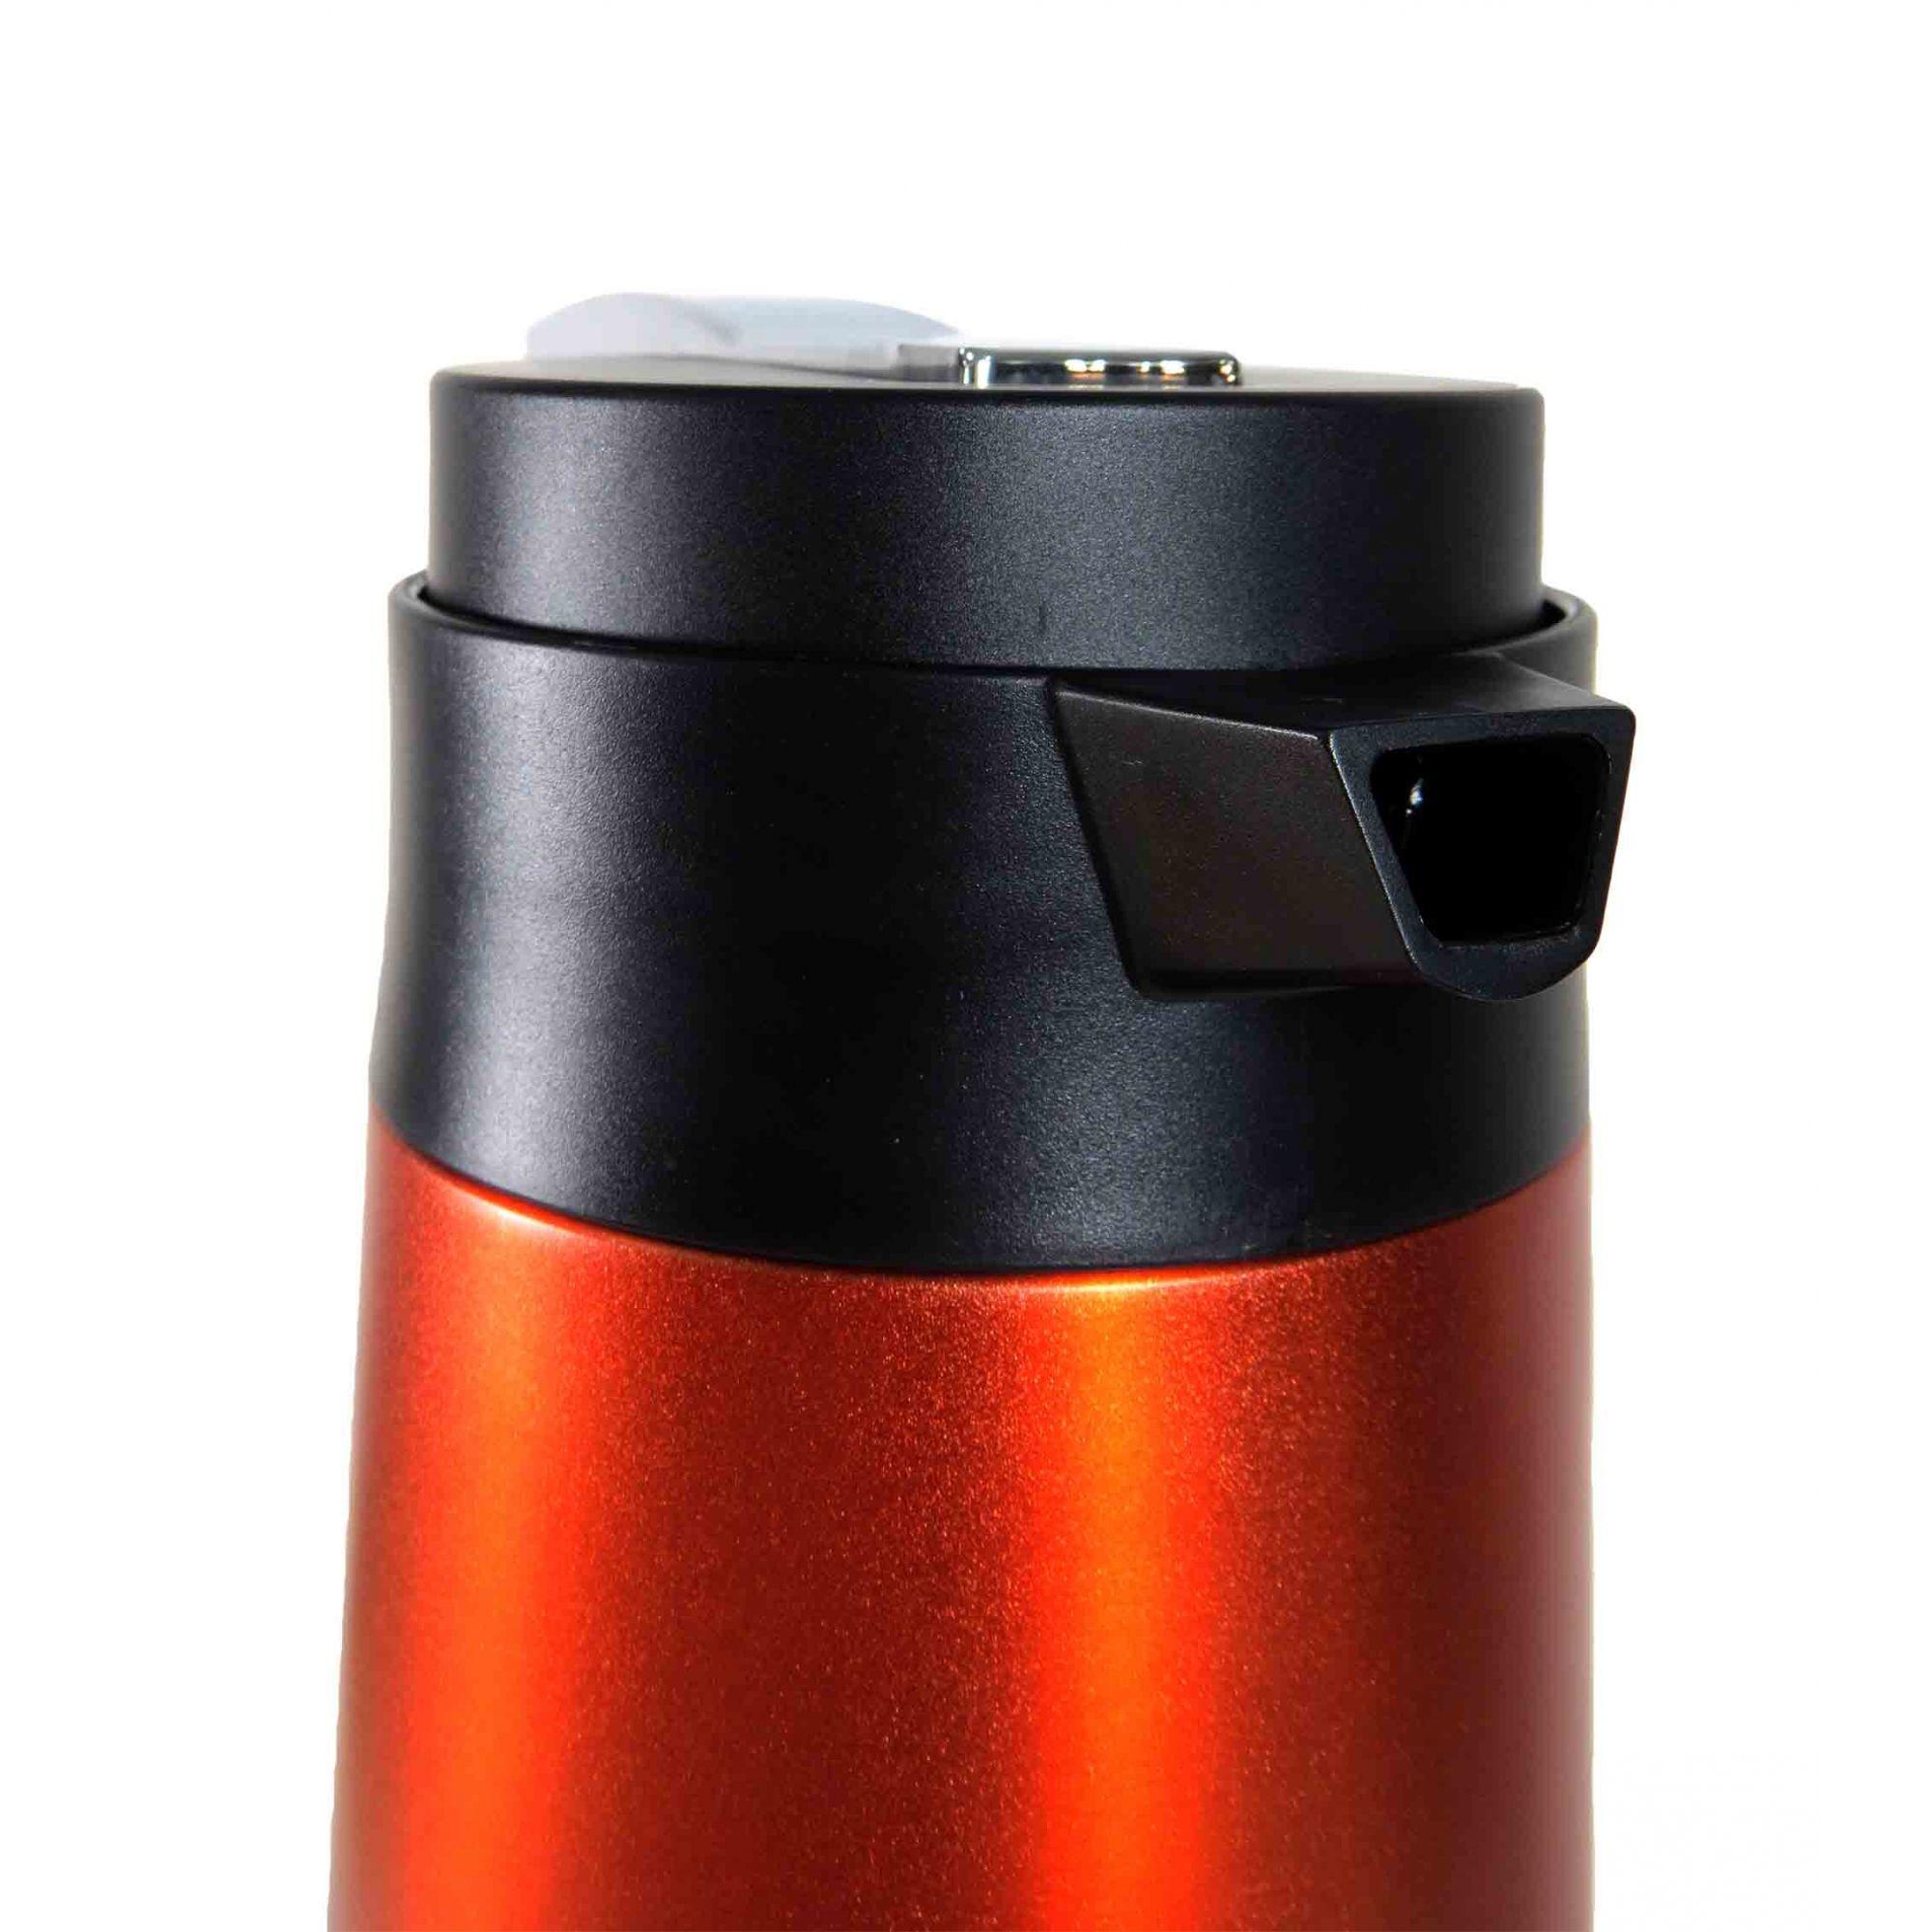 Garrafa Térmica Aço Inox Chá Café Chimarrão Comprida 1,6l